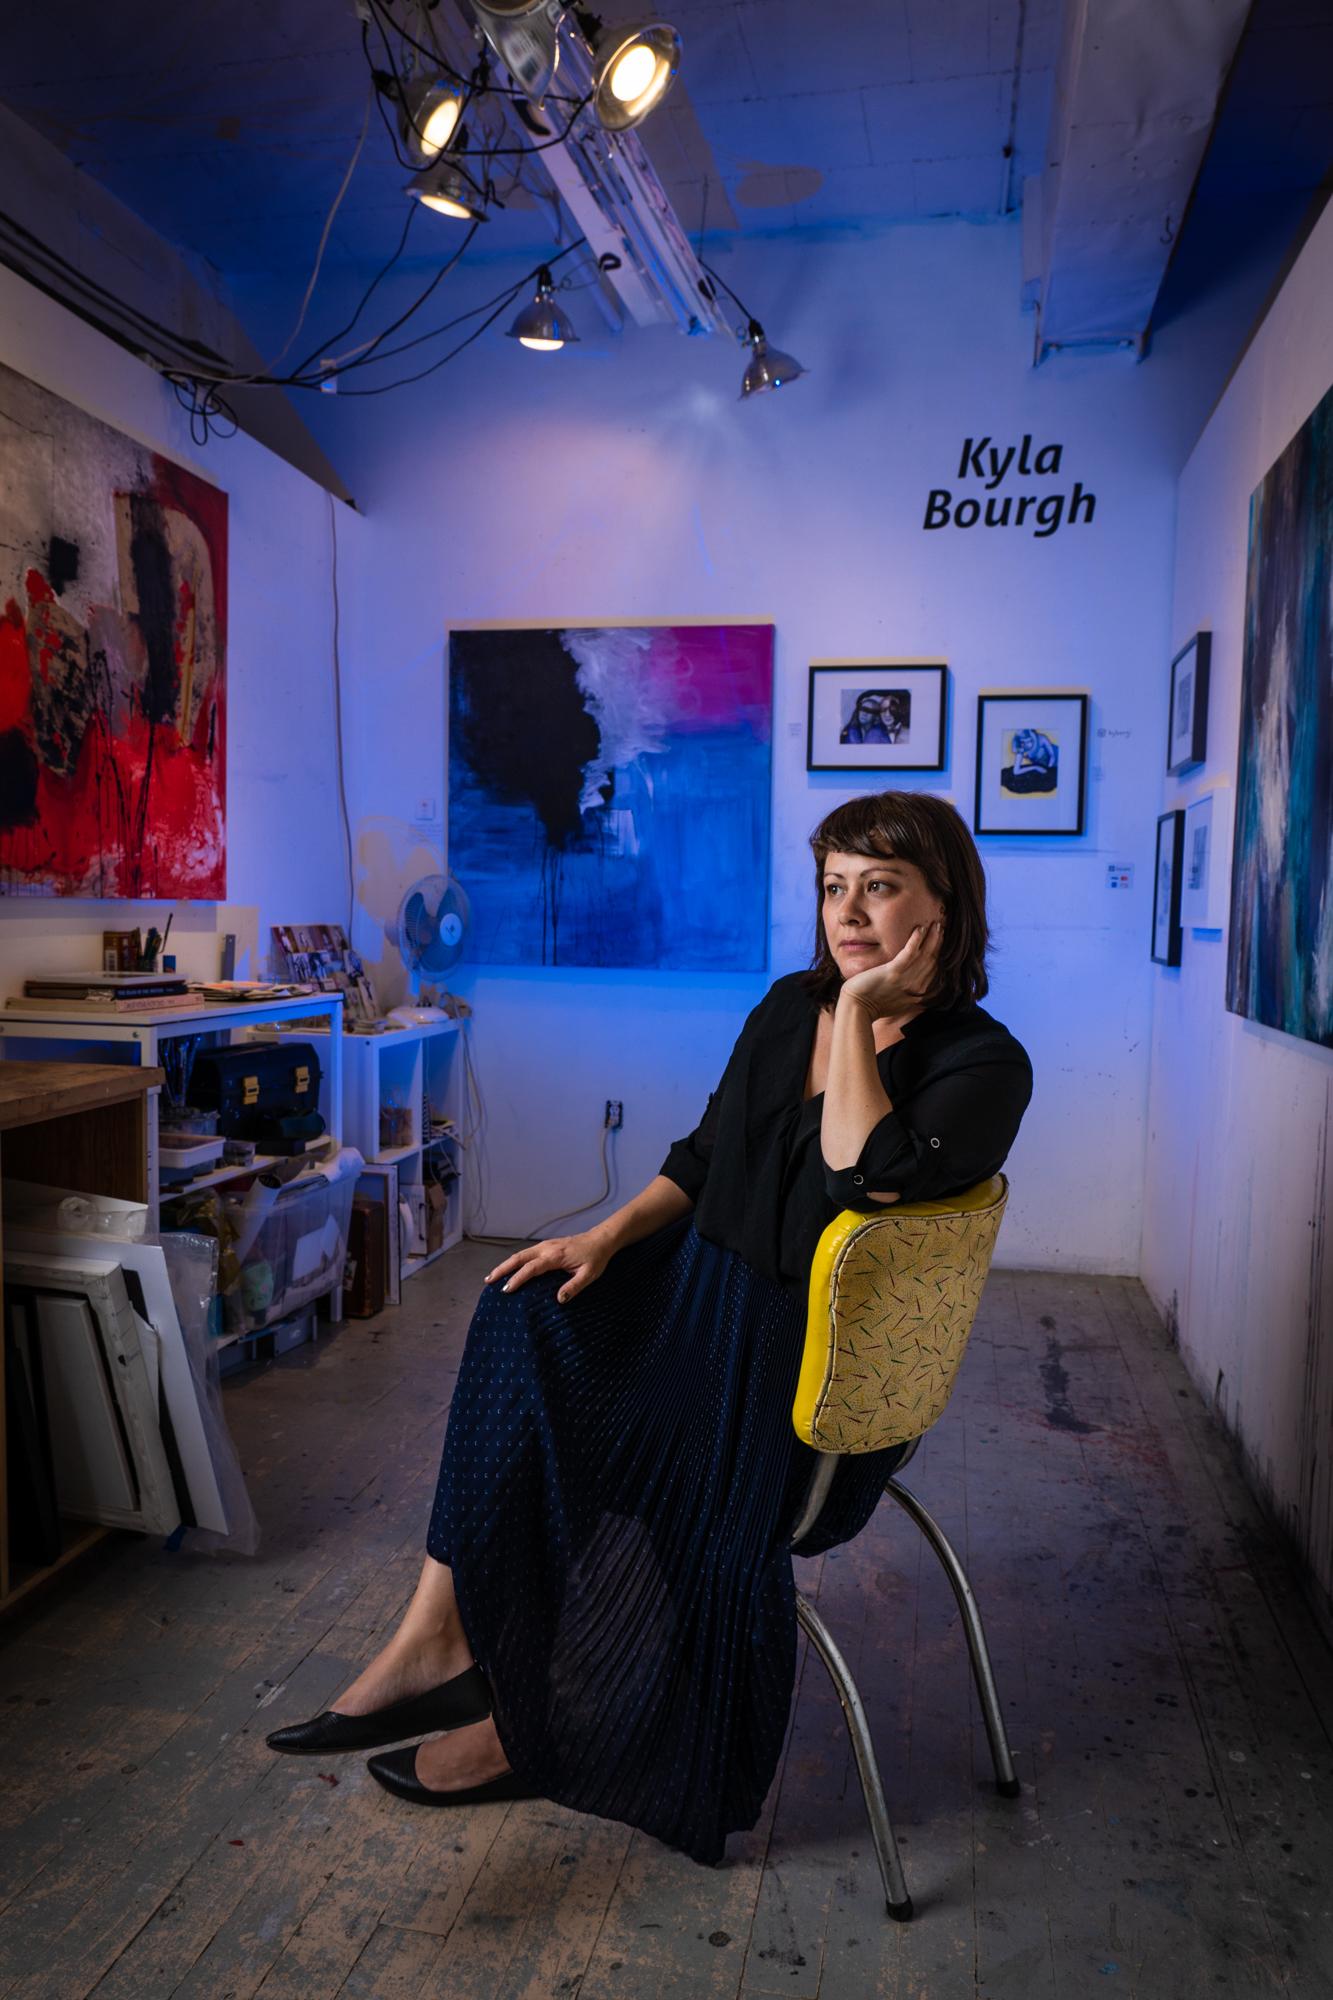 Kyla Bourgh